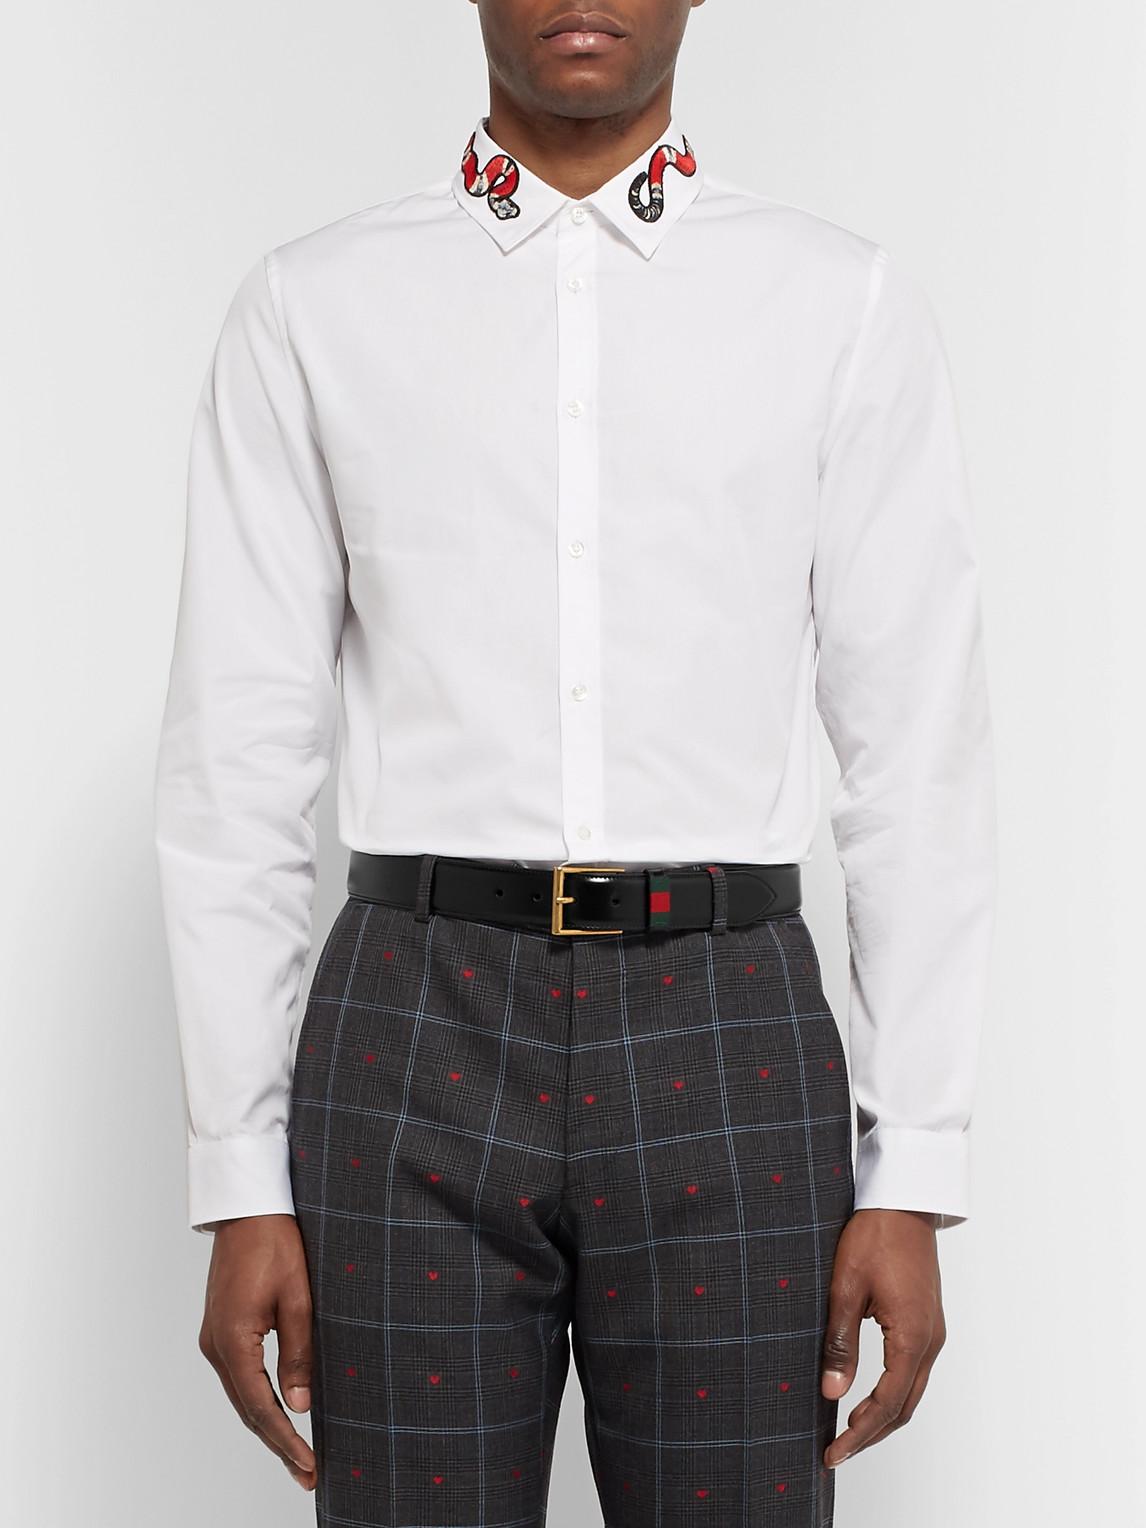 Gucci Belts 3.5CM BLACK WEBBING-TRIMMED LEATHER BELT